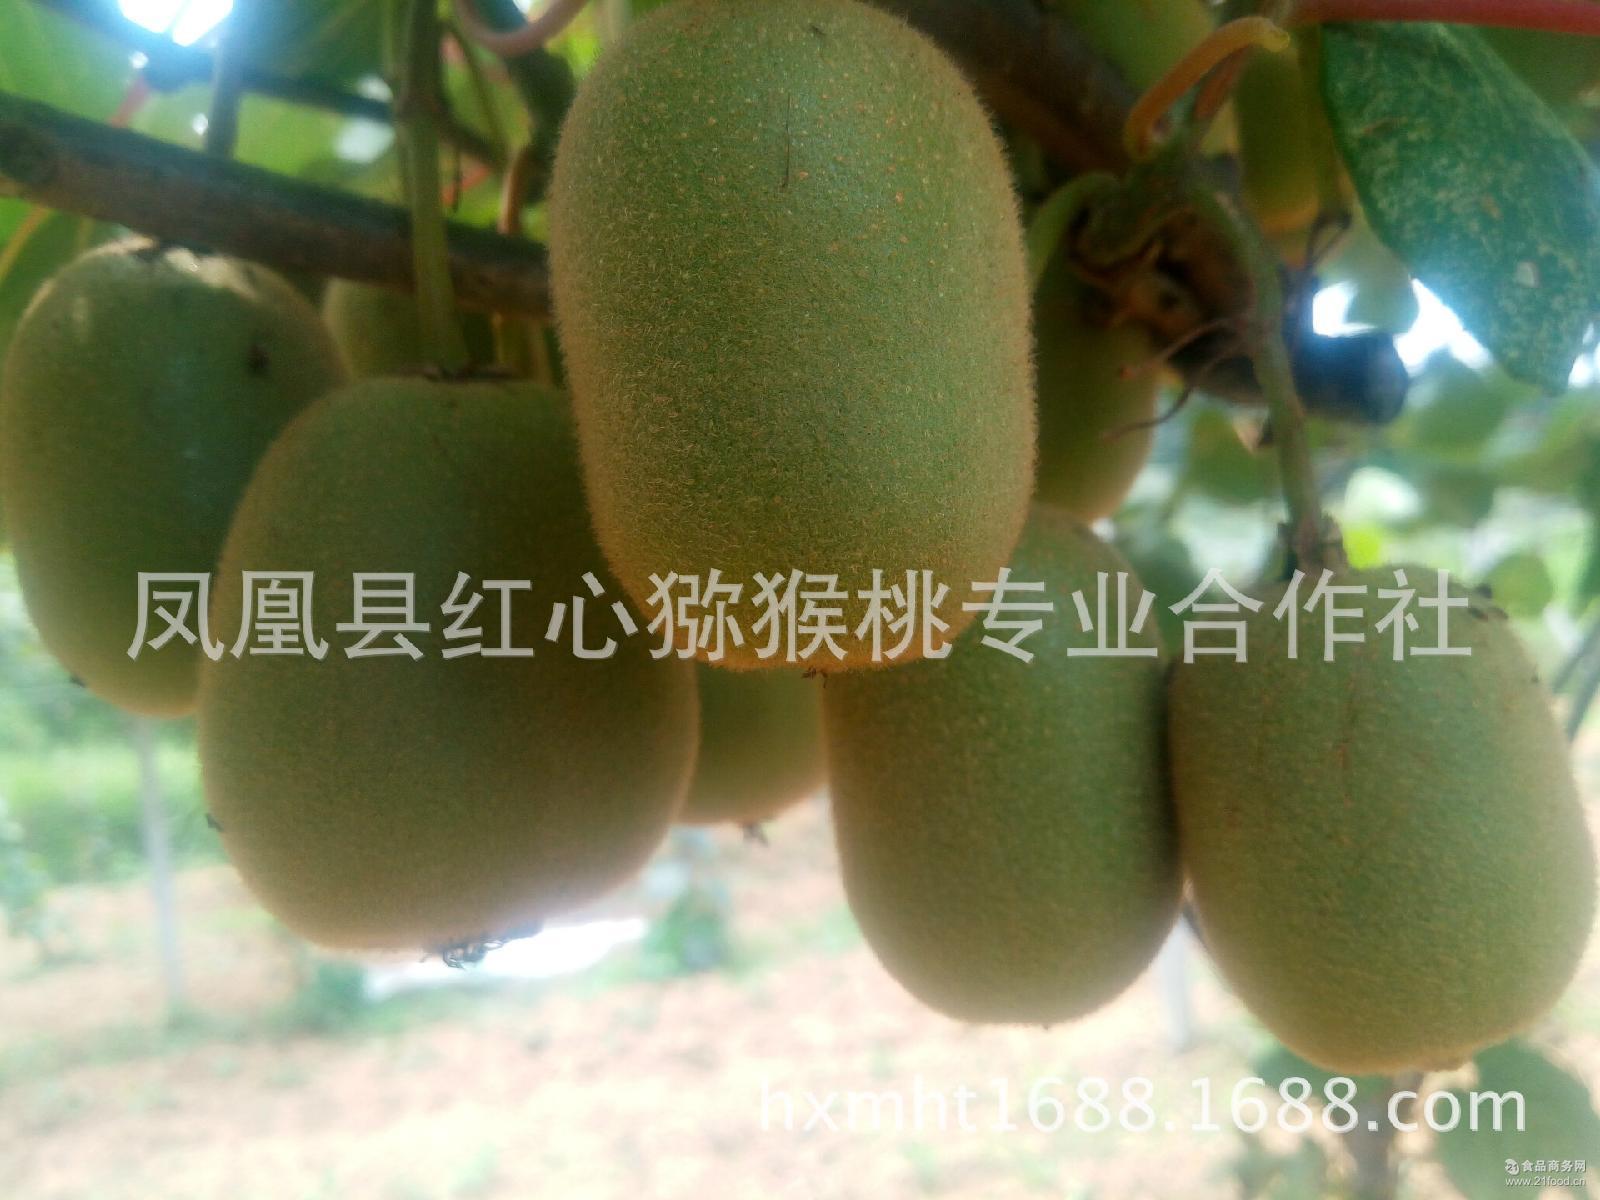 农场直供凤凰特产富硒金燕猕猴桃